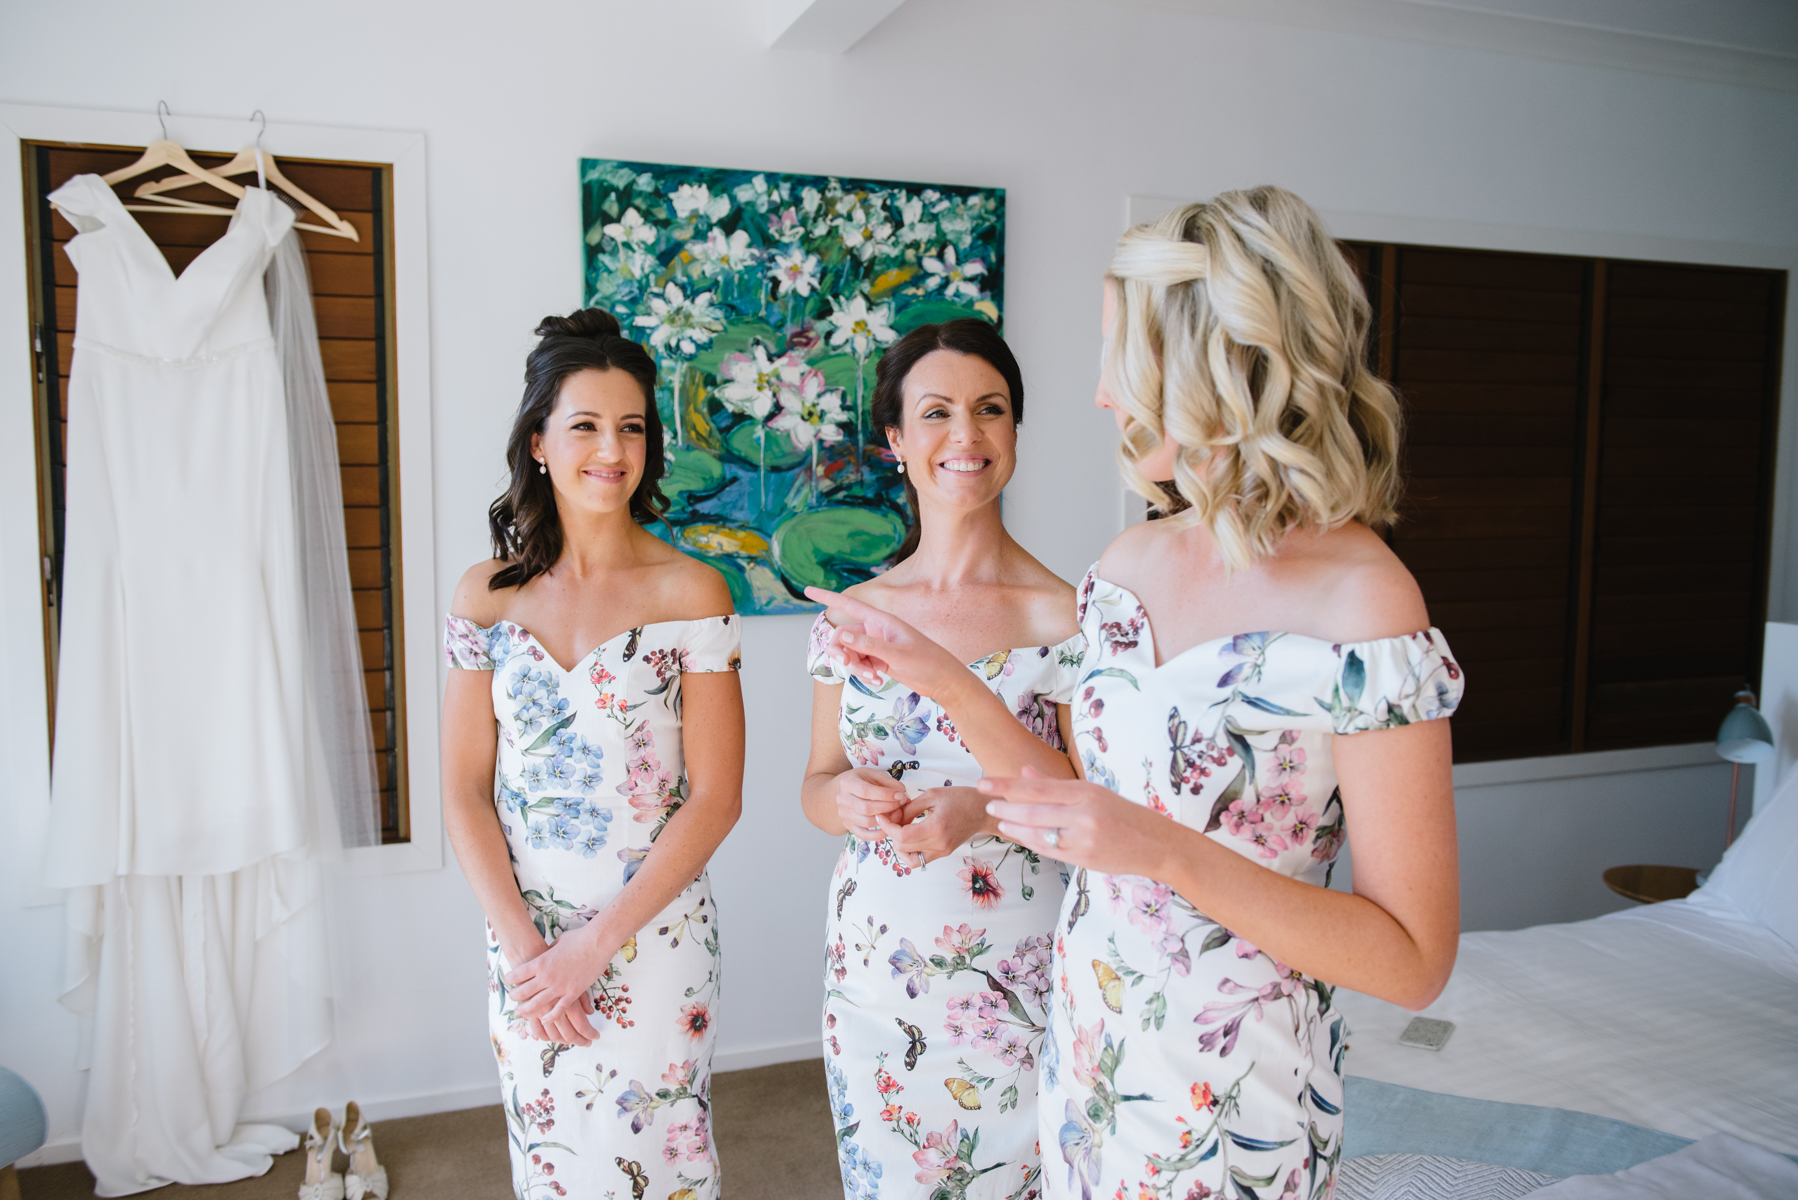 sarahandBenwedding- skyla sage photography weddings, families, byron bay,tweed coast,kingscliff,cabarita,gold coast-231.jpg